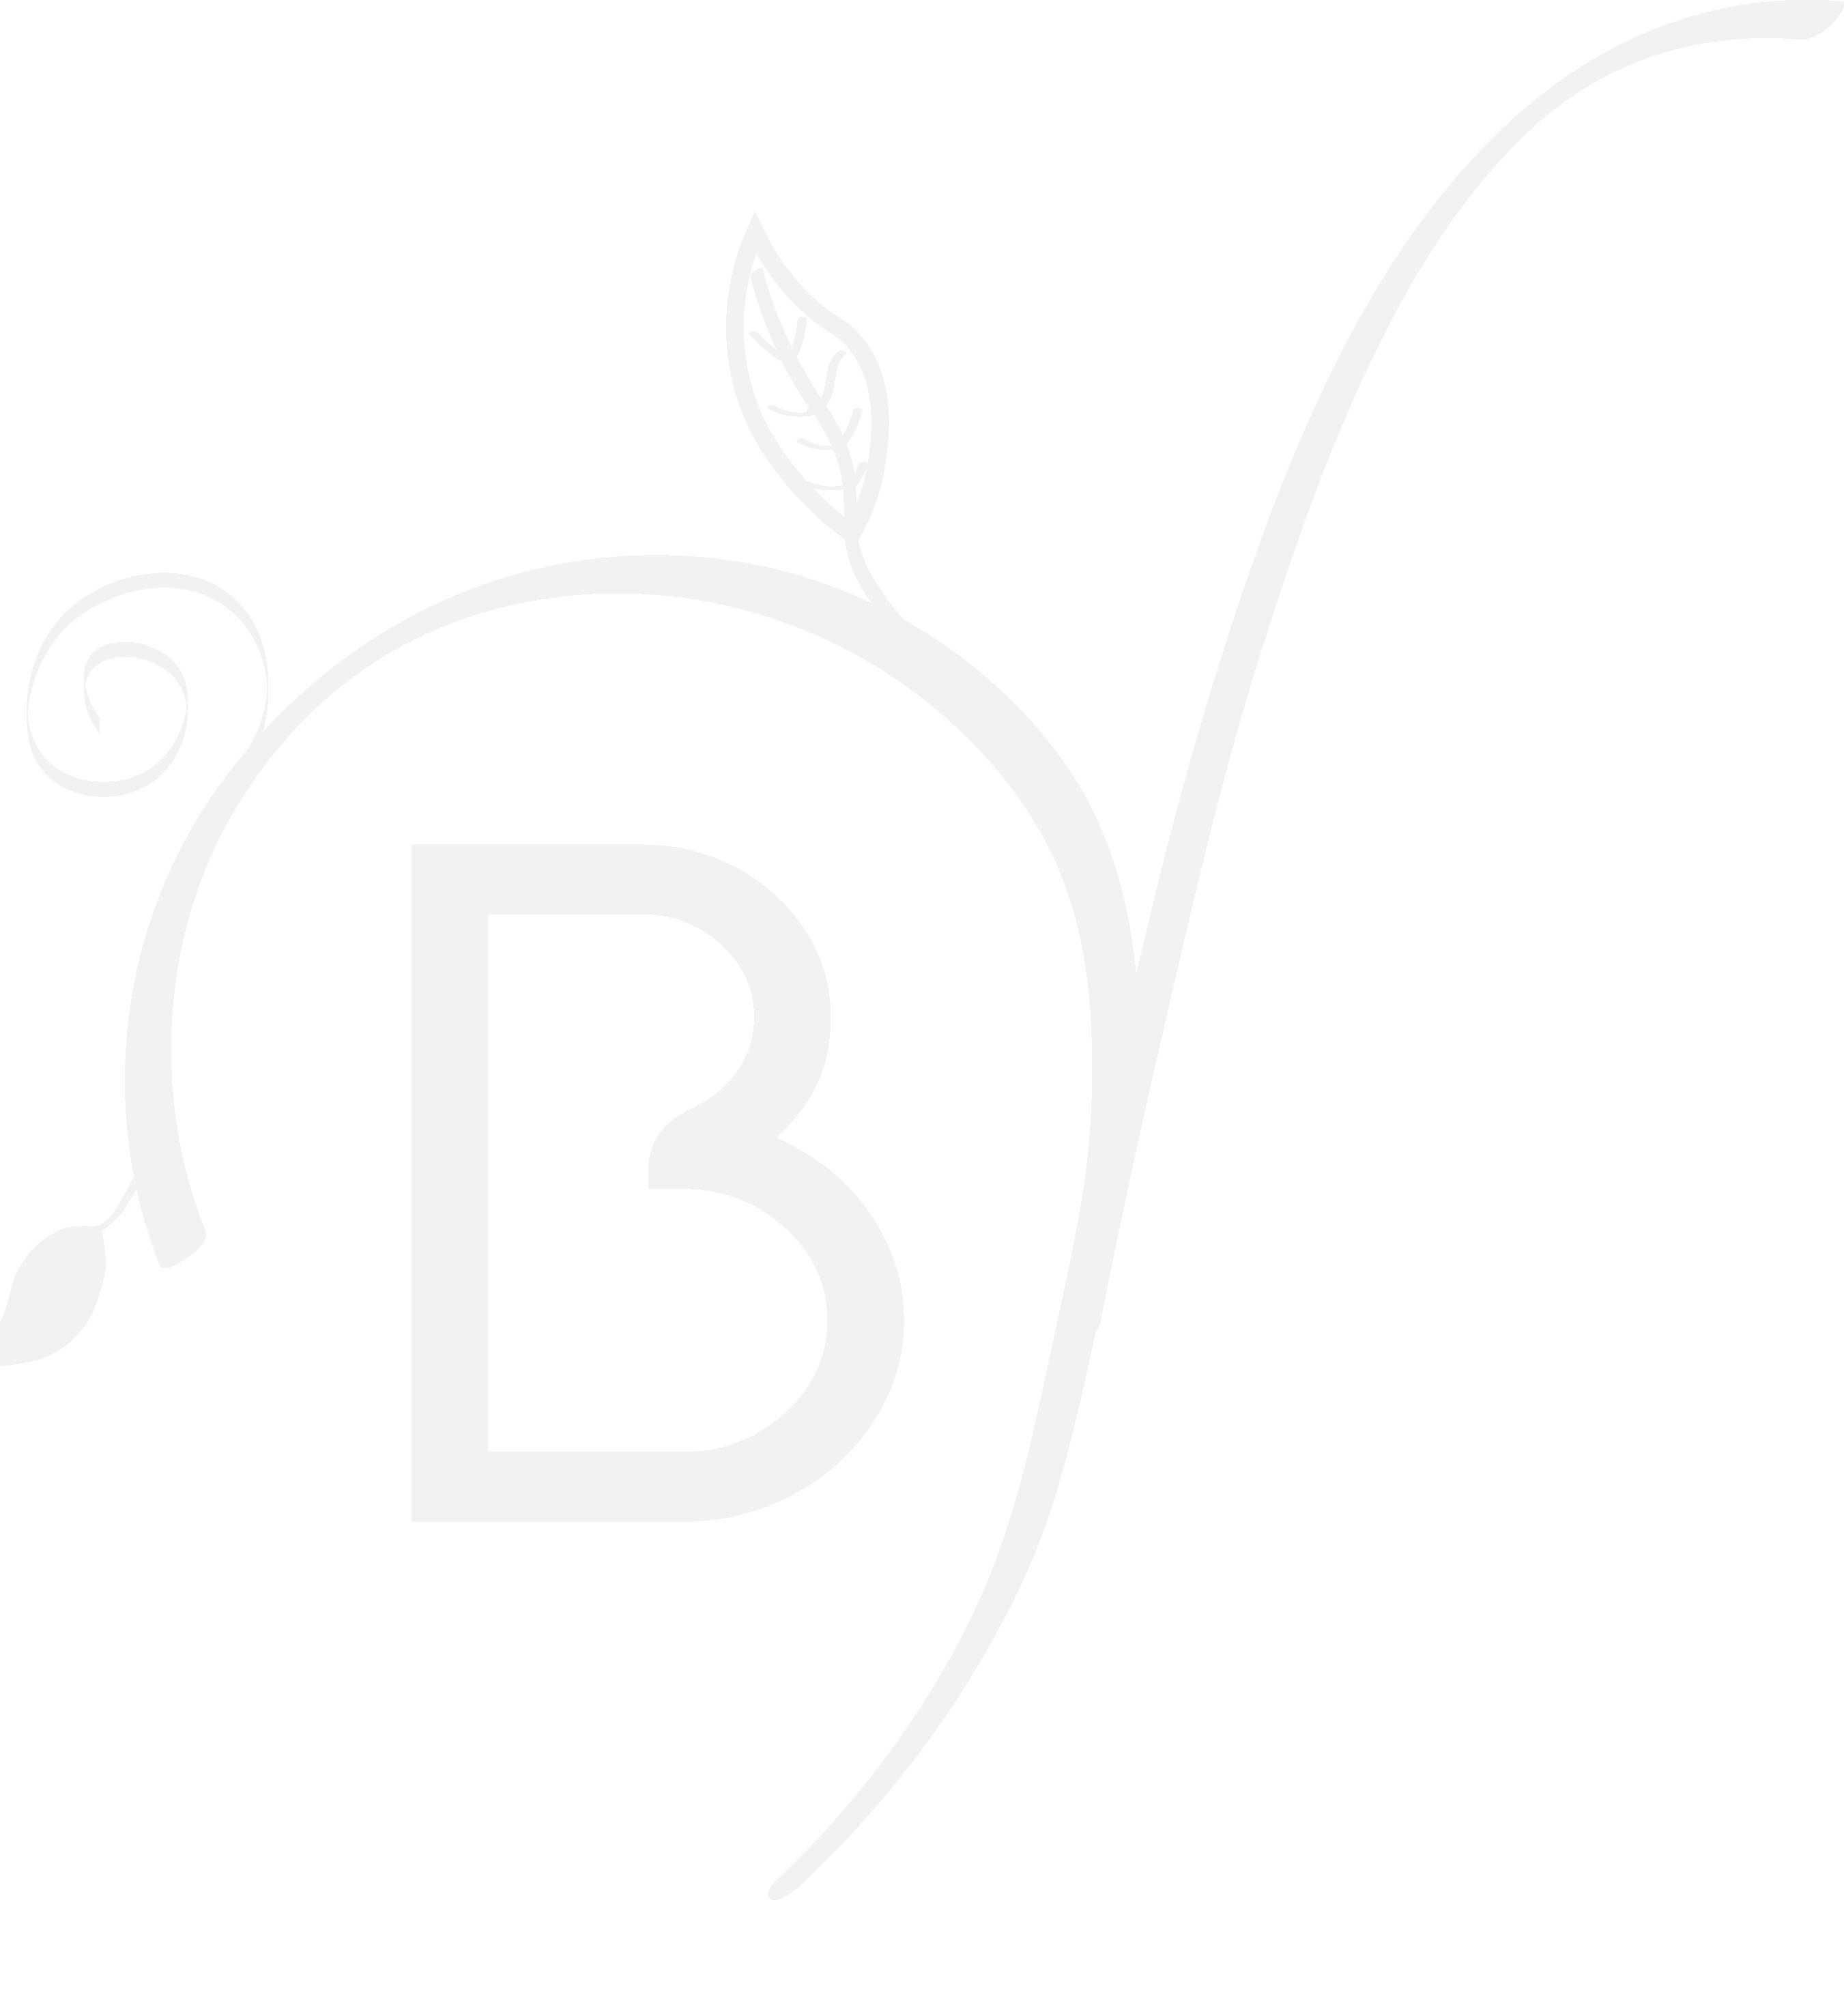 Le Barbizon - logo - Blanc